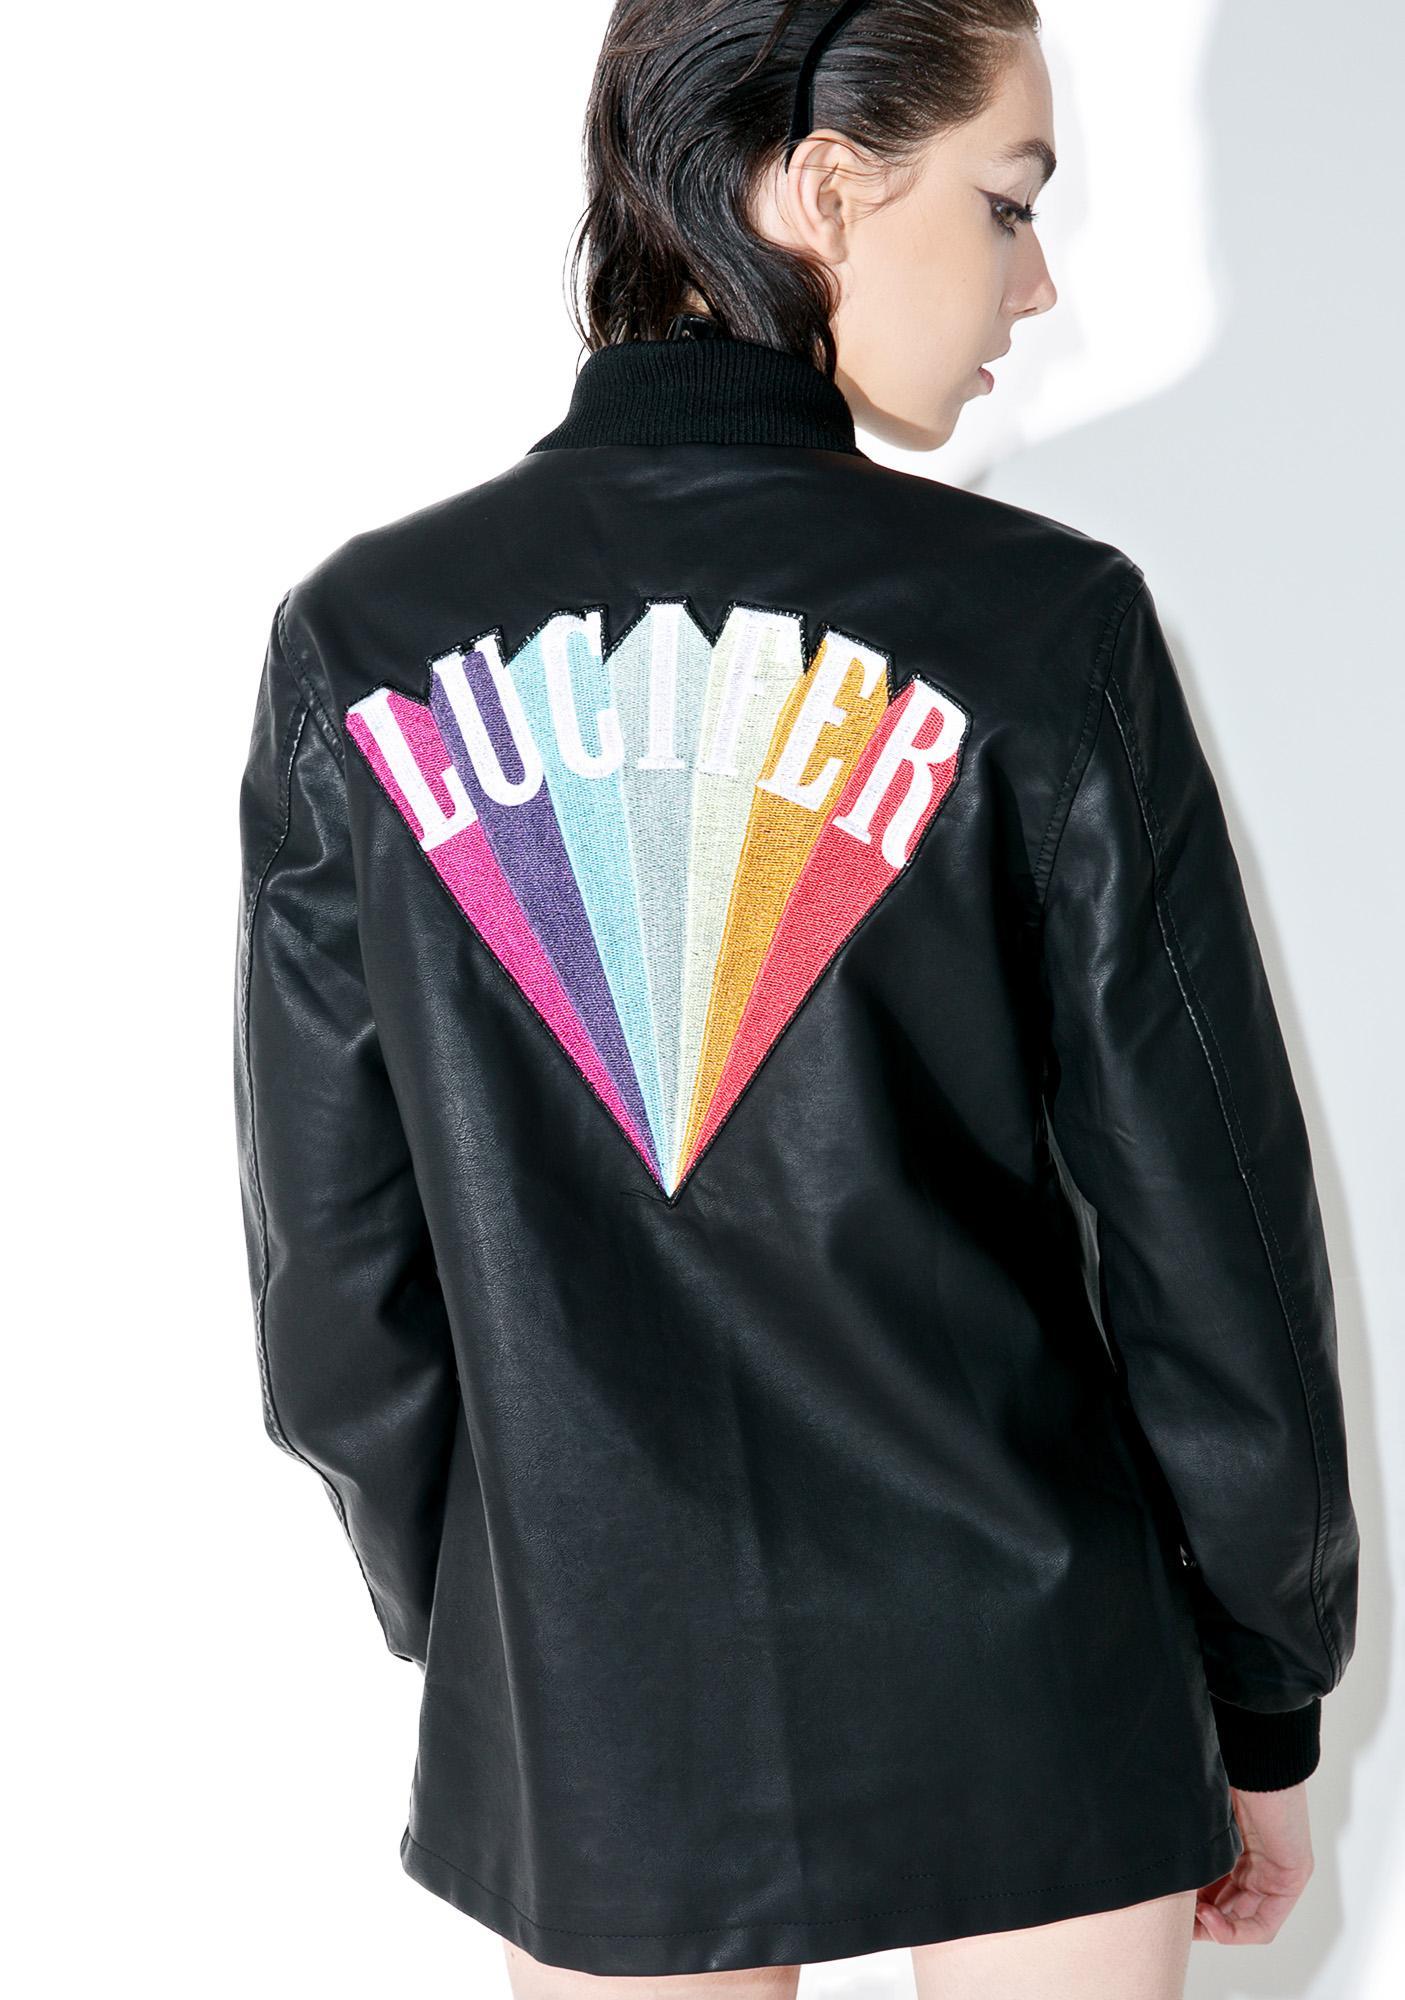 8b0960af3 Lucifer Bomber Jacket